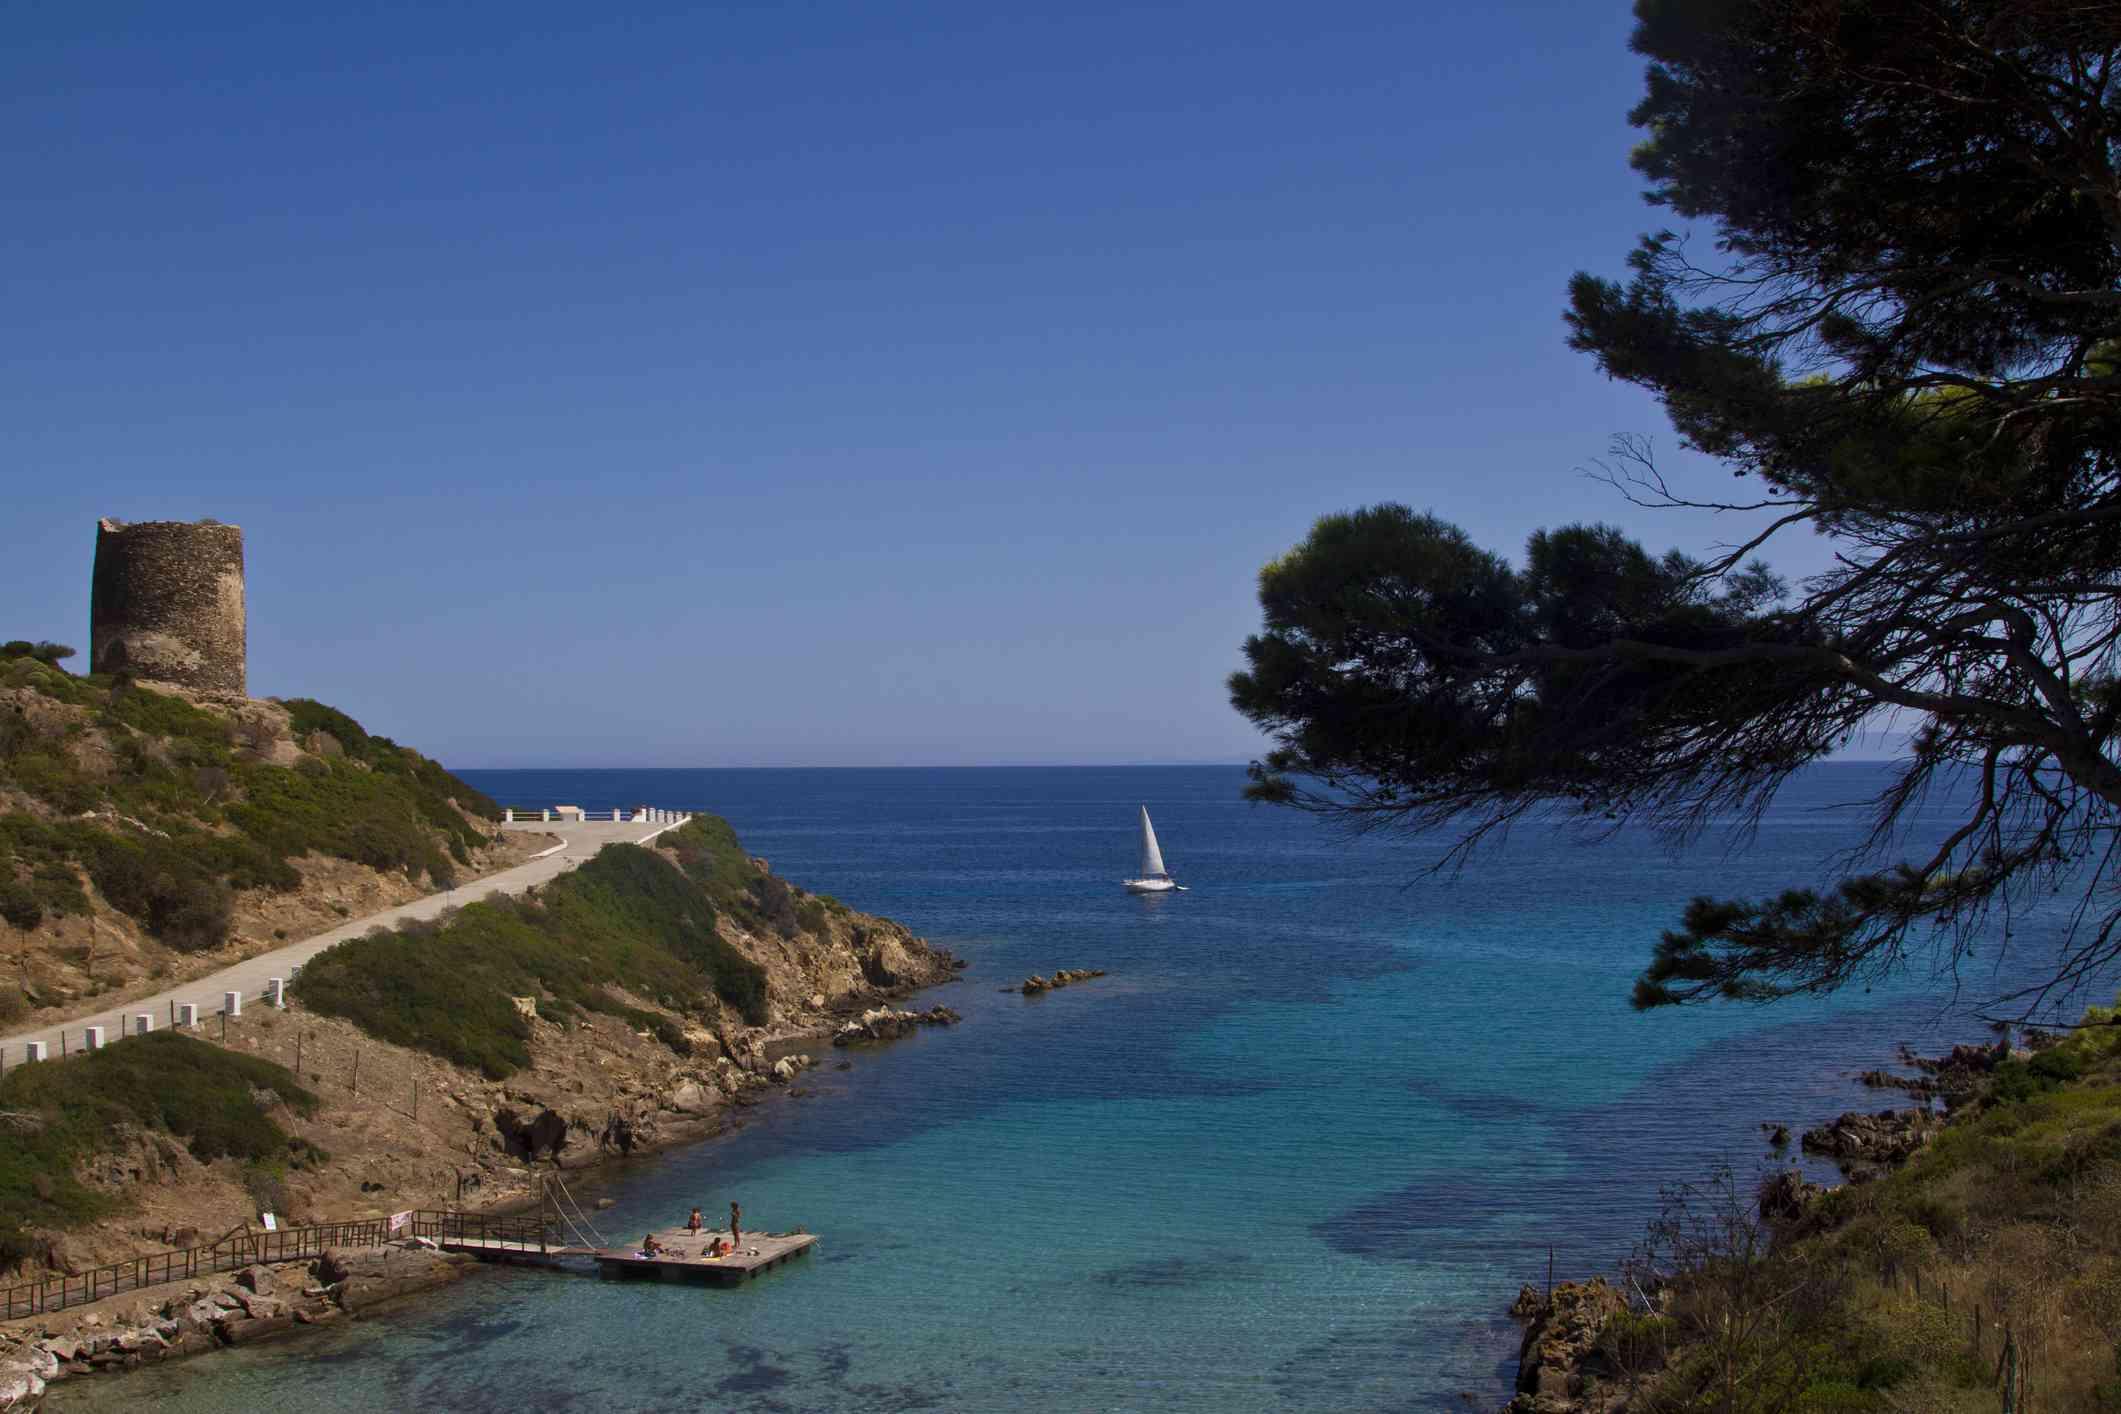 Italy, Sardinia, Asinara Island, Cala d'Oliva